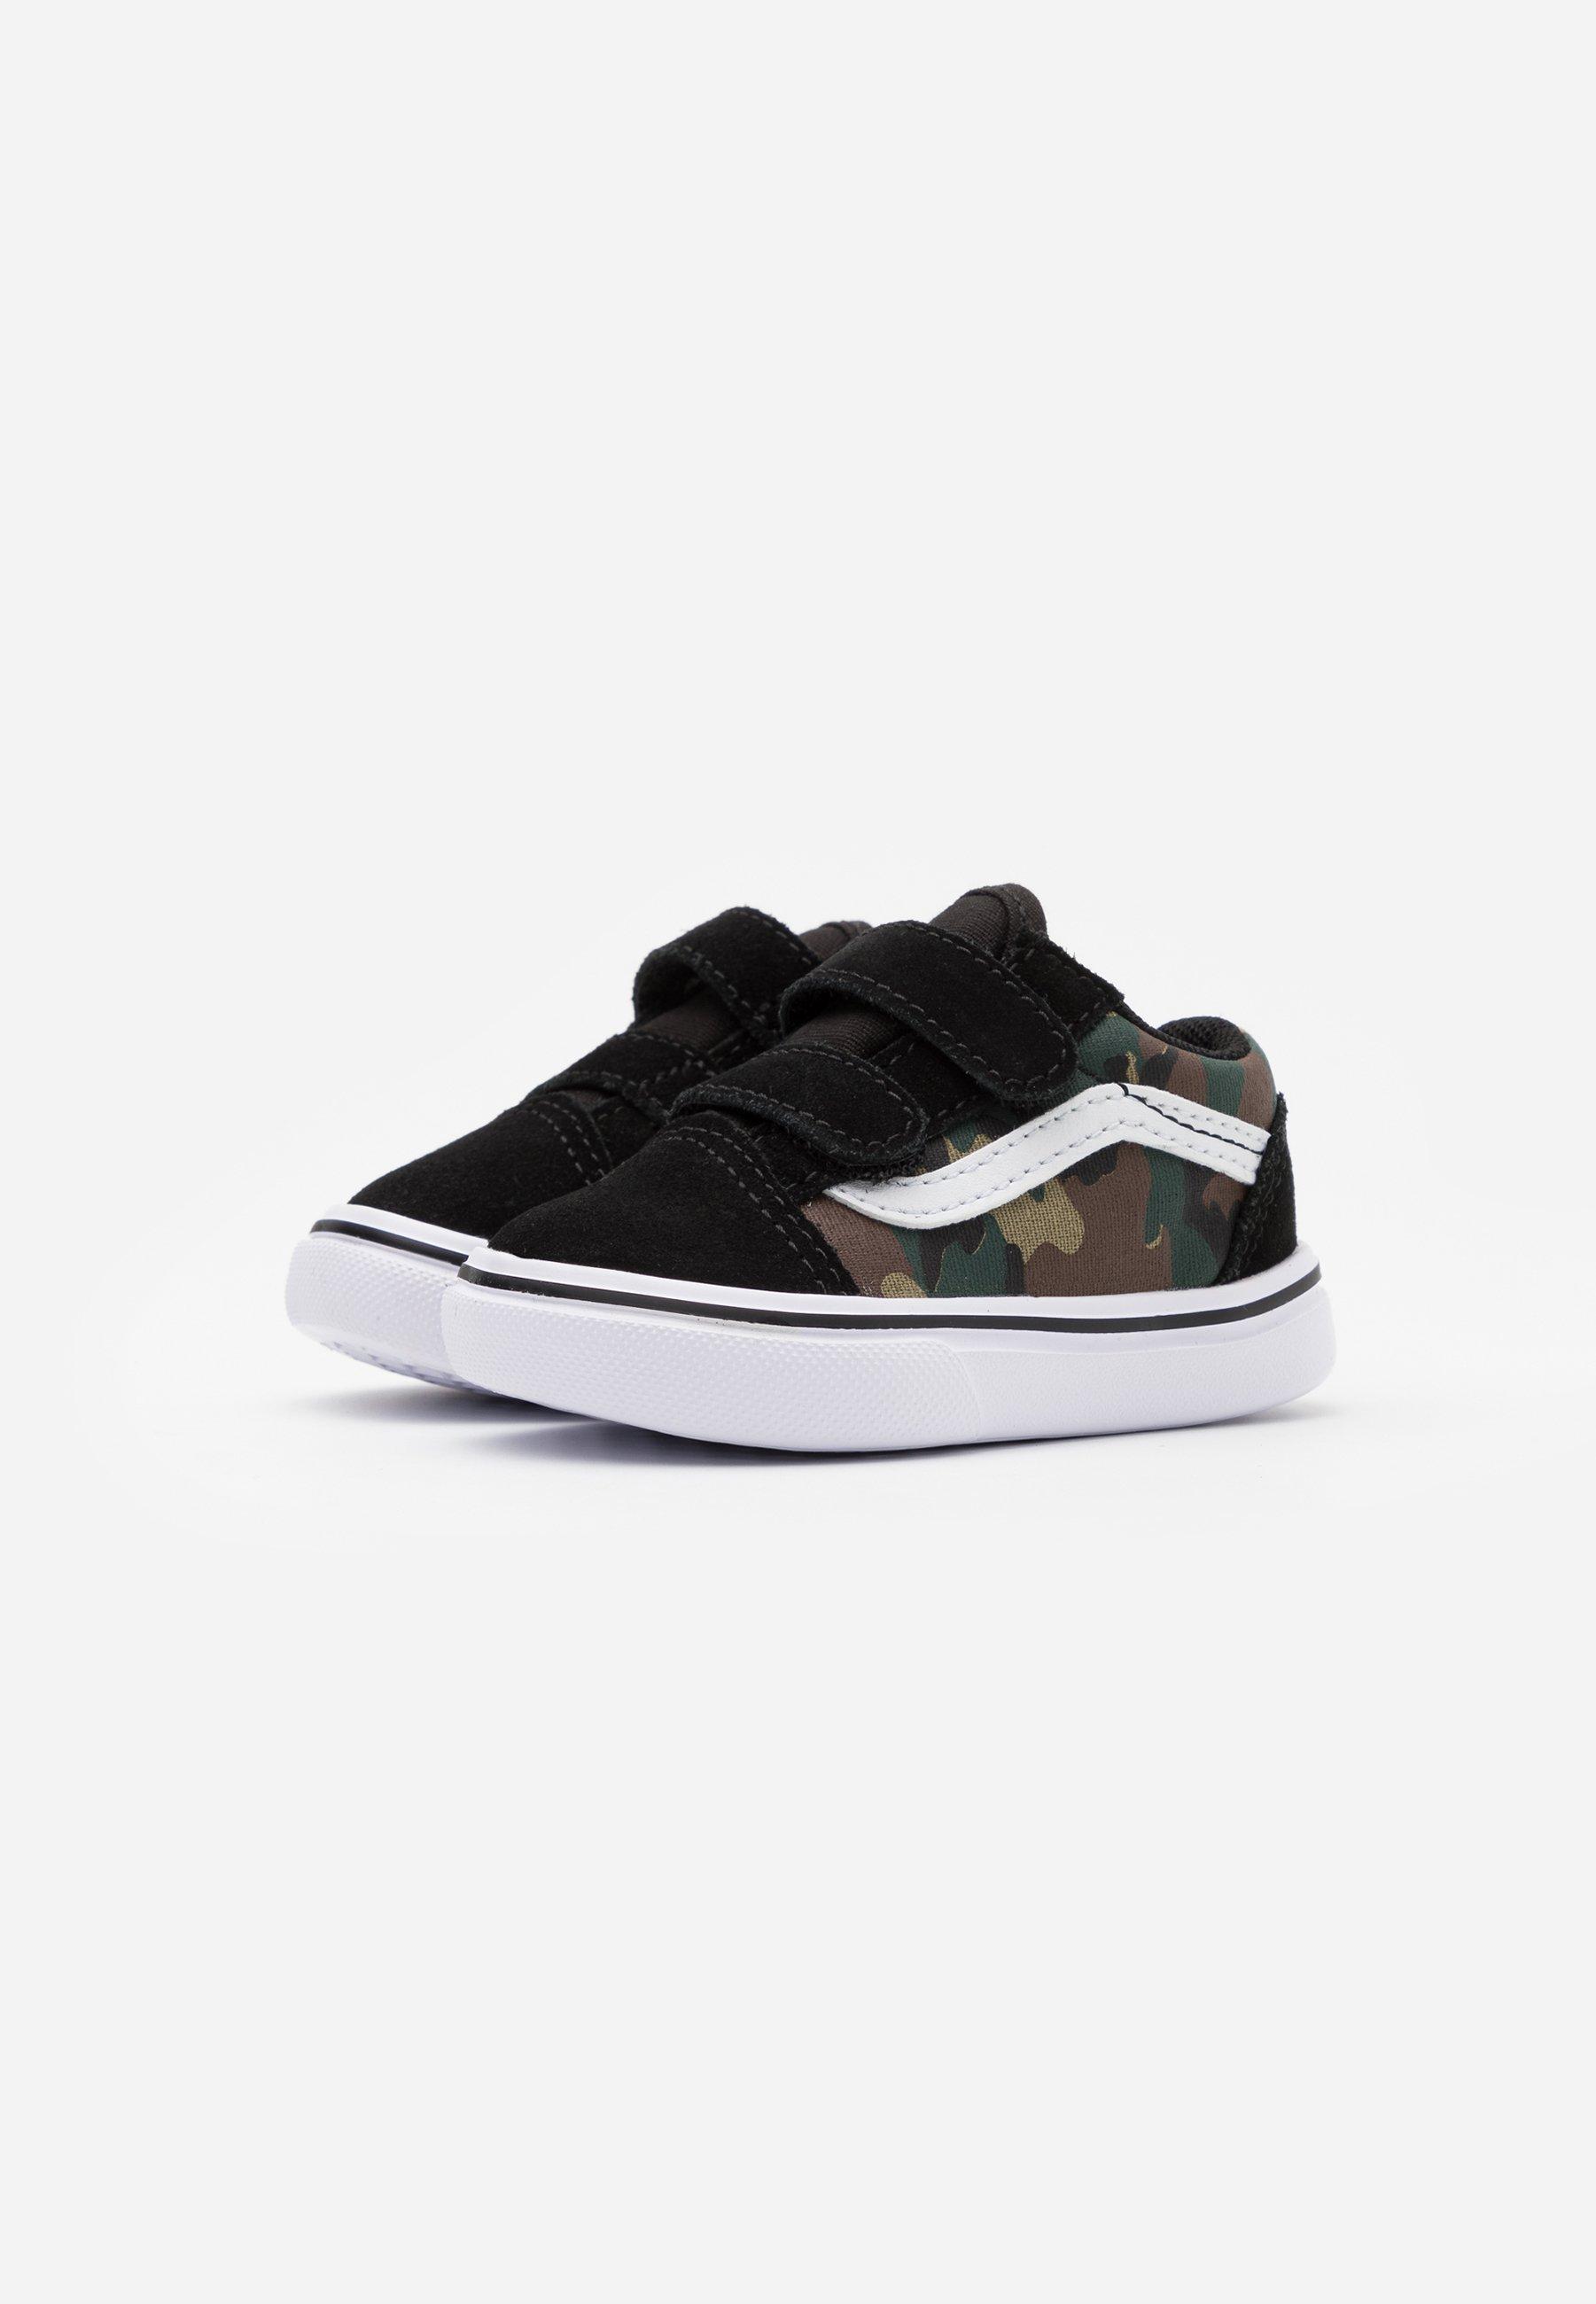 COMFYCUSH OLD SKOOL Sneaker low blacktrue white